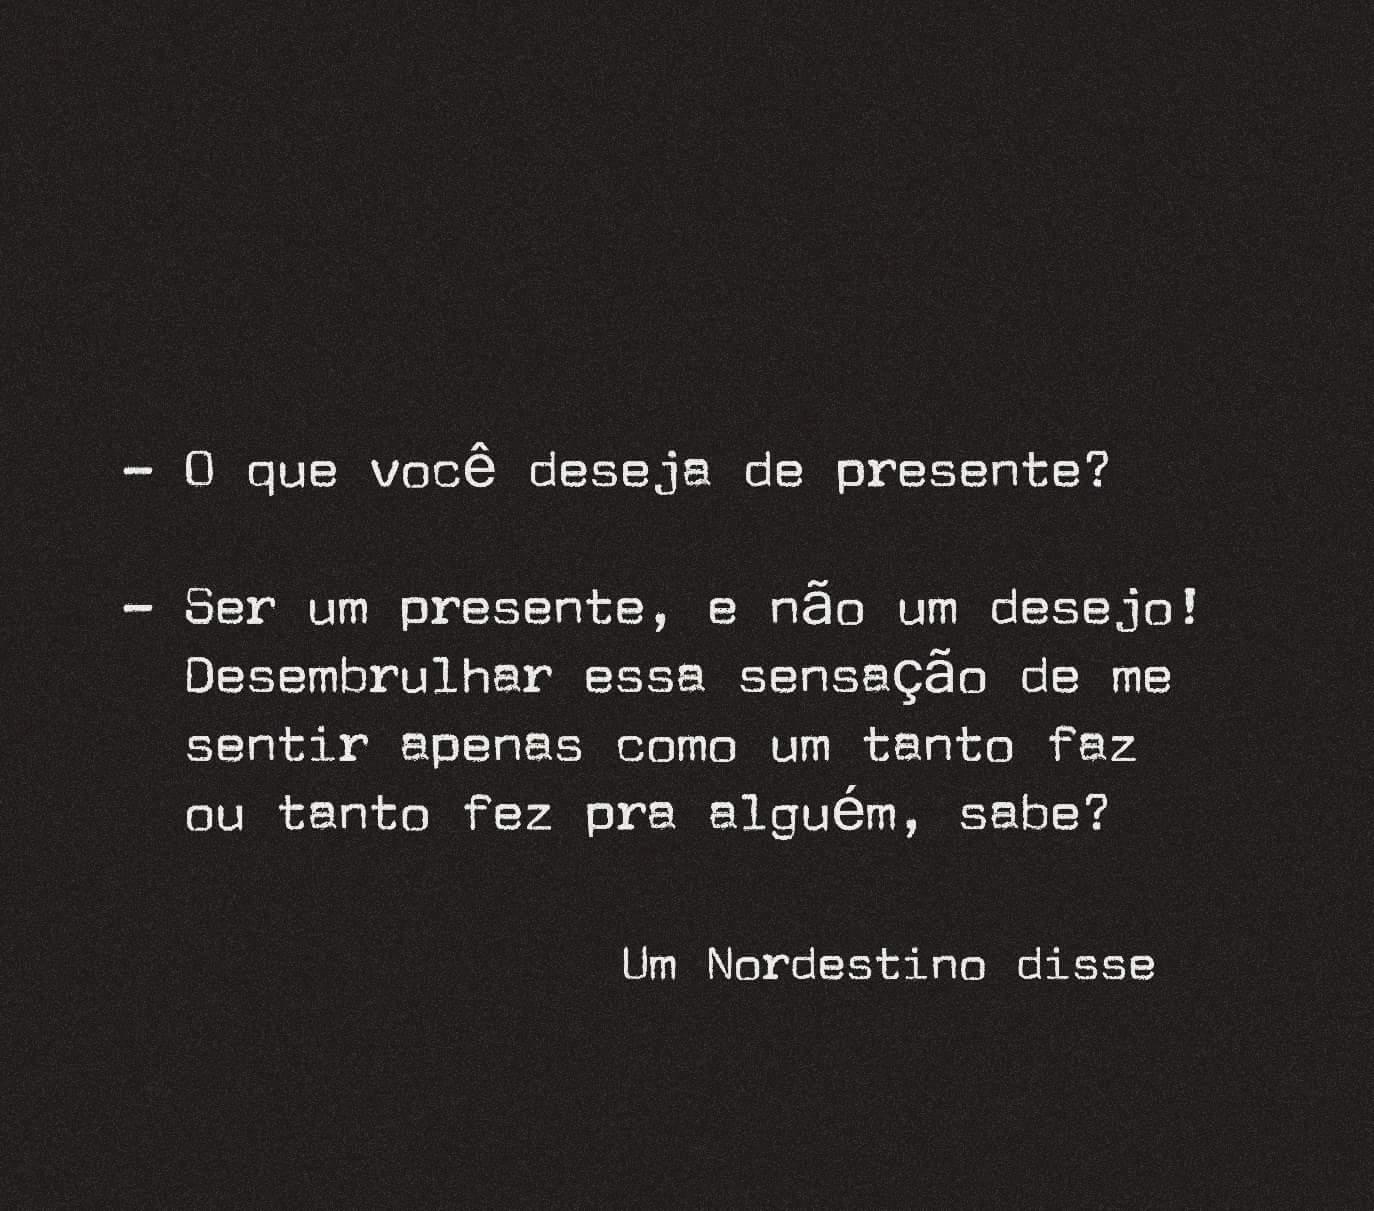 Deseja de presente